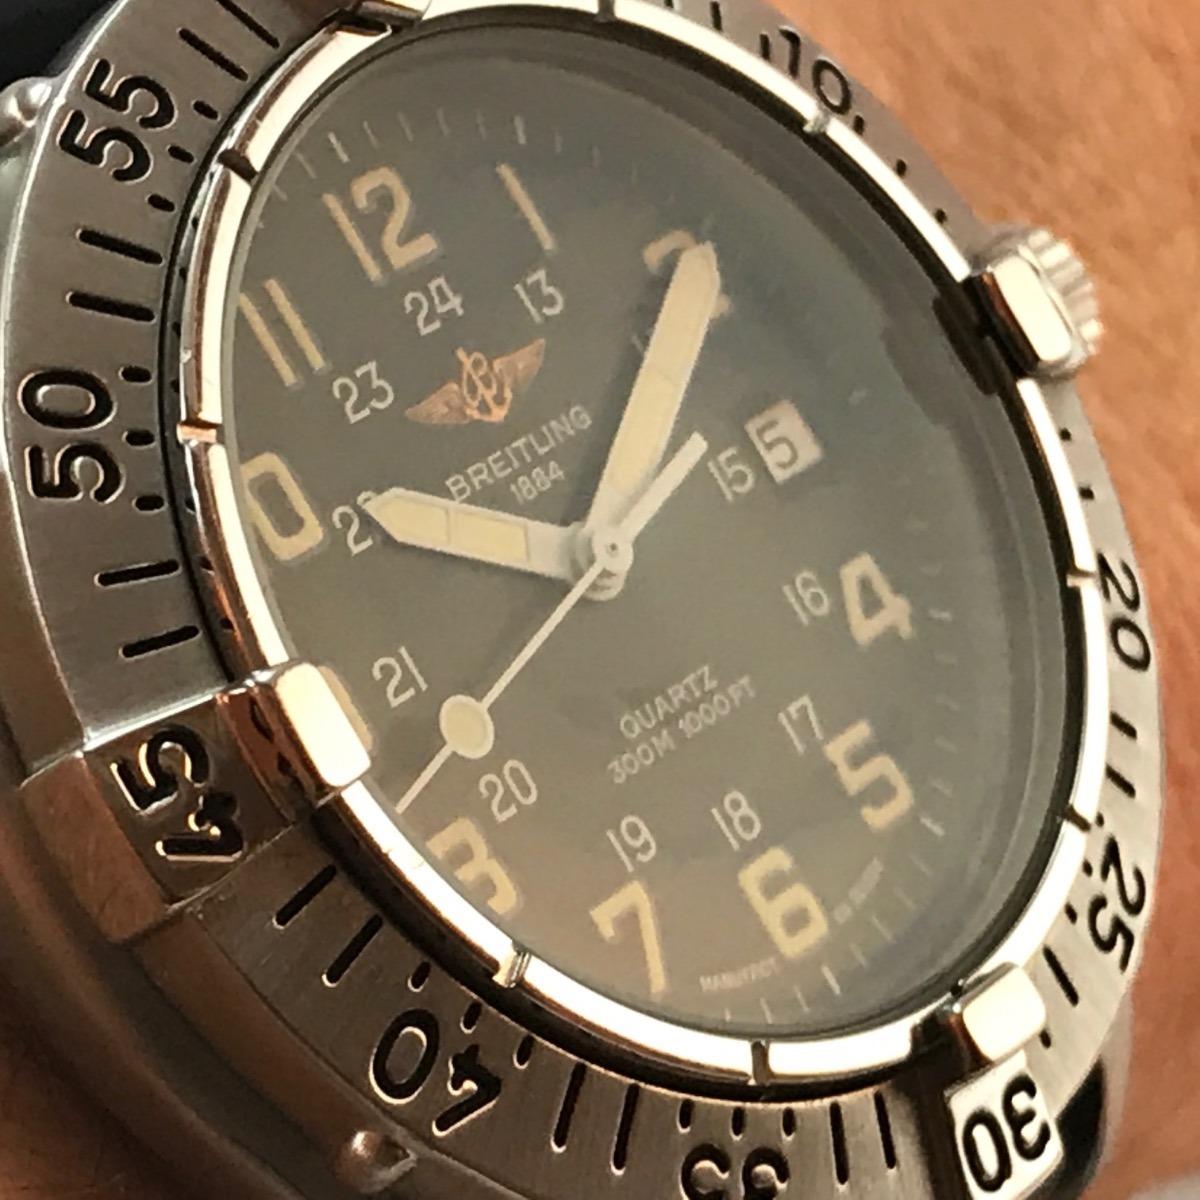 a774b8075cb Relógio Brietling Colt Diver 300 Mts - R  3.478